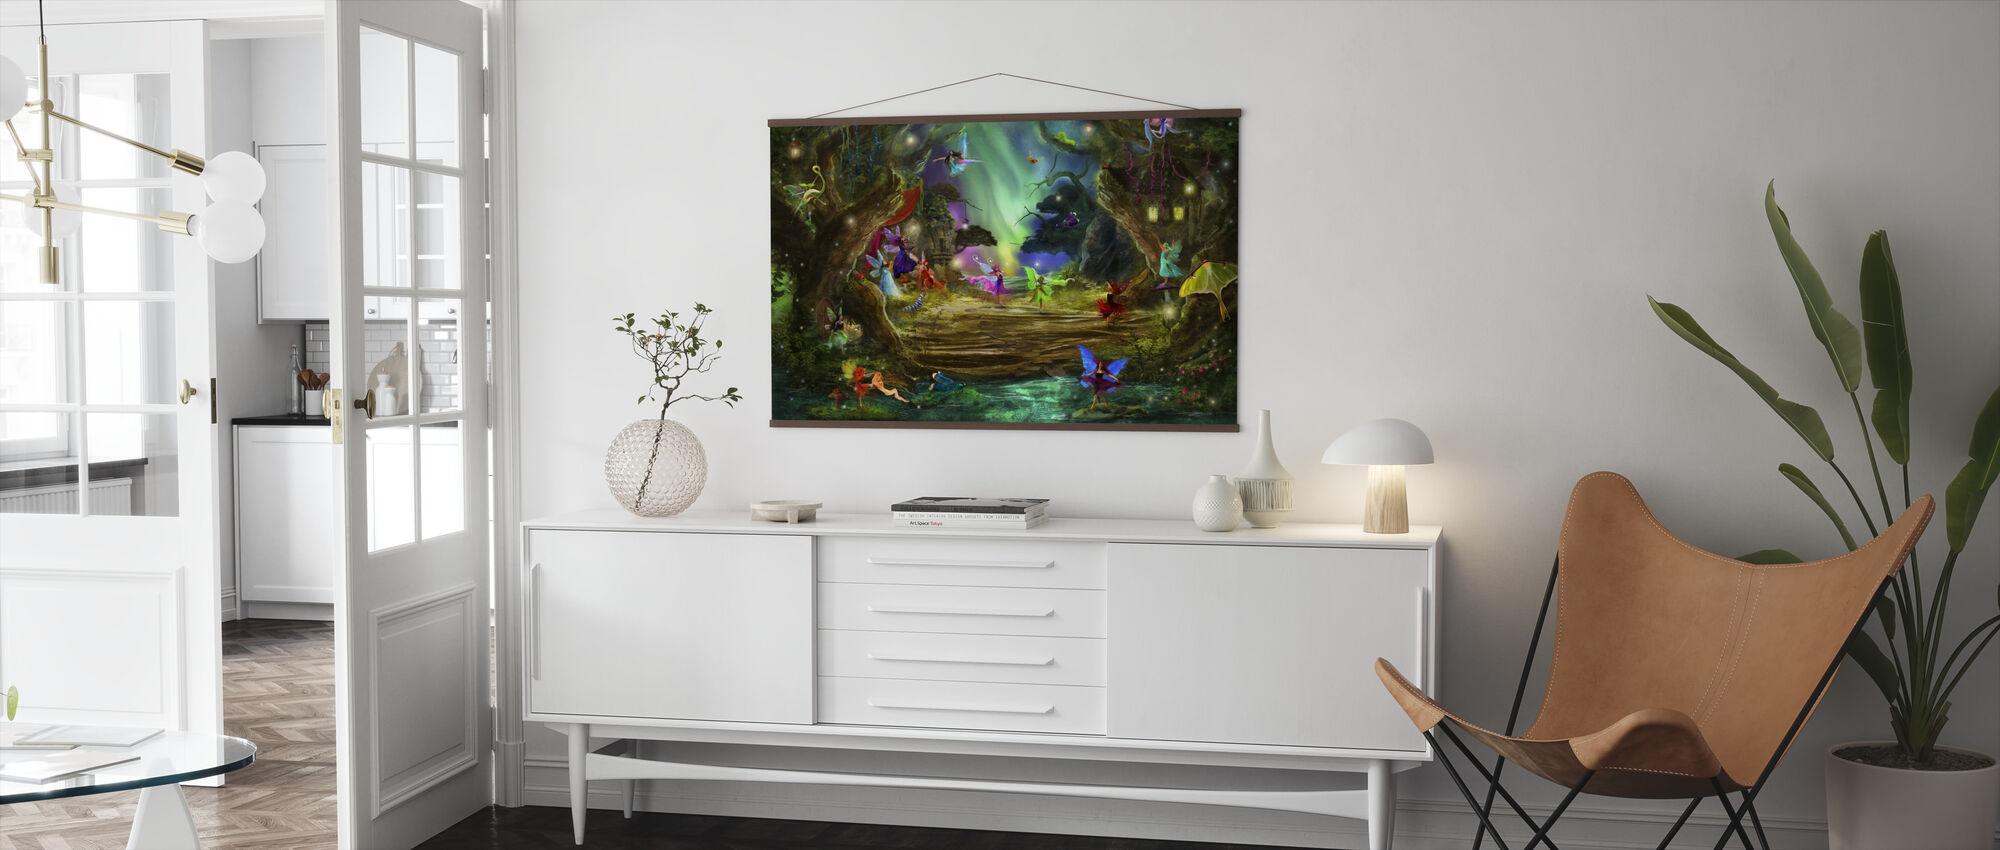 De dansende Aurora's - Poster - Woonkamer